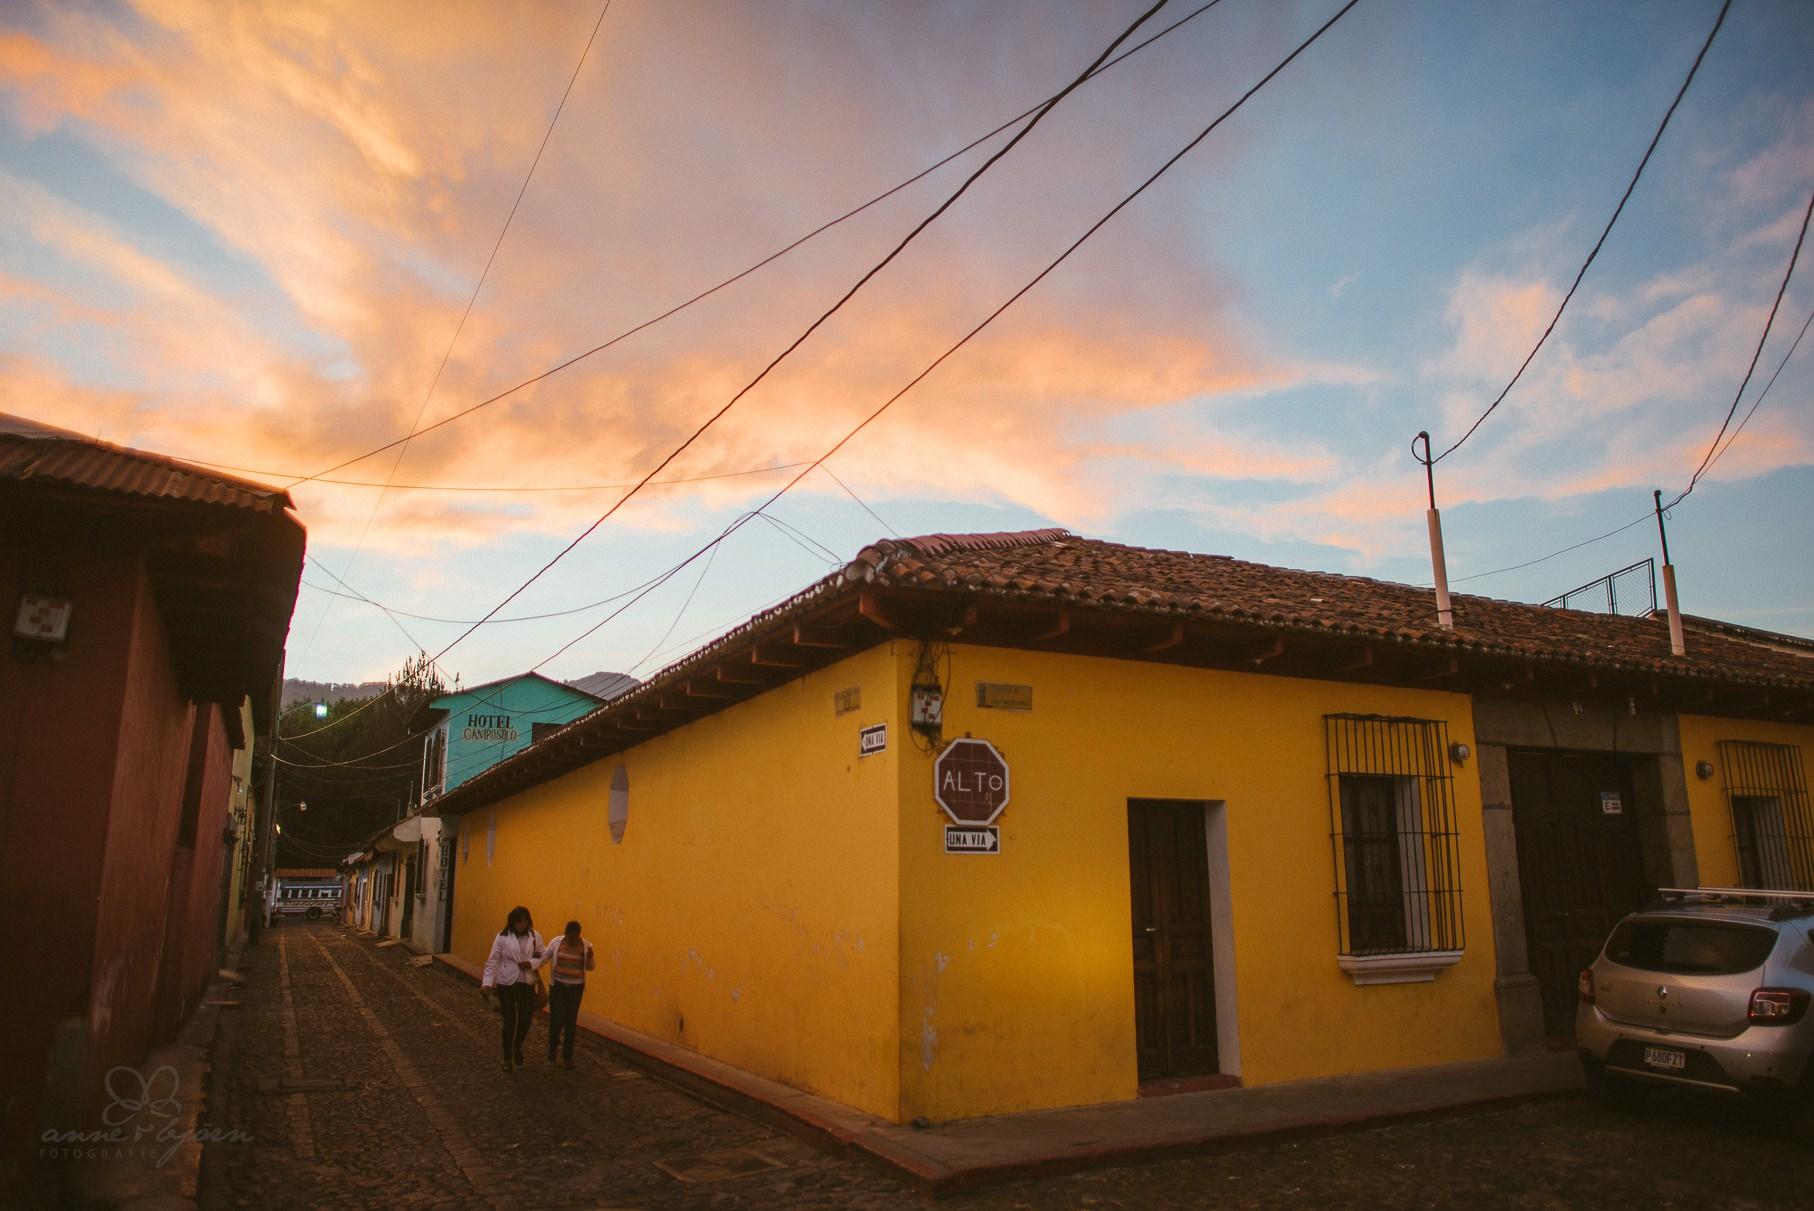 0048 anne und bjoern guatemala d75 9738 - 4 Wochen durch Guatemala - backpacking durch Mittelamerika